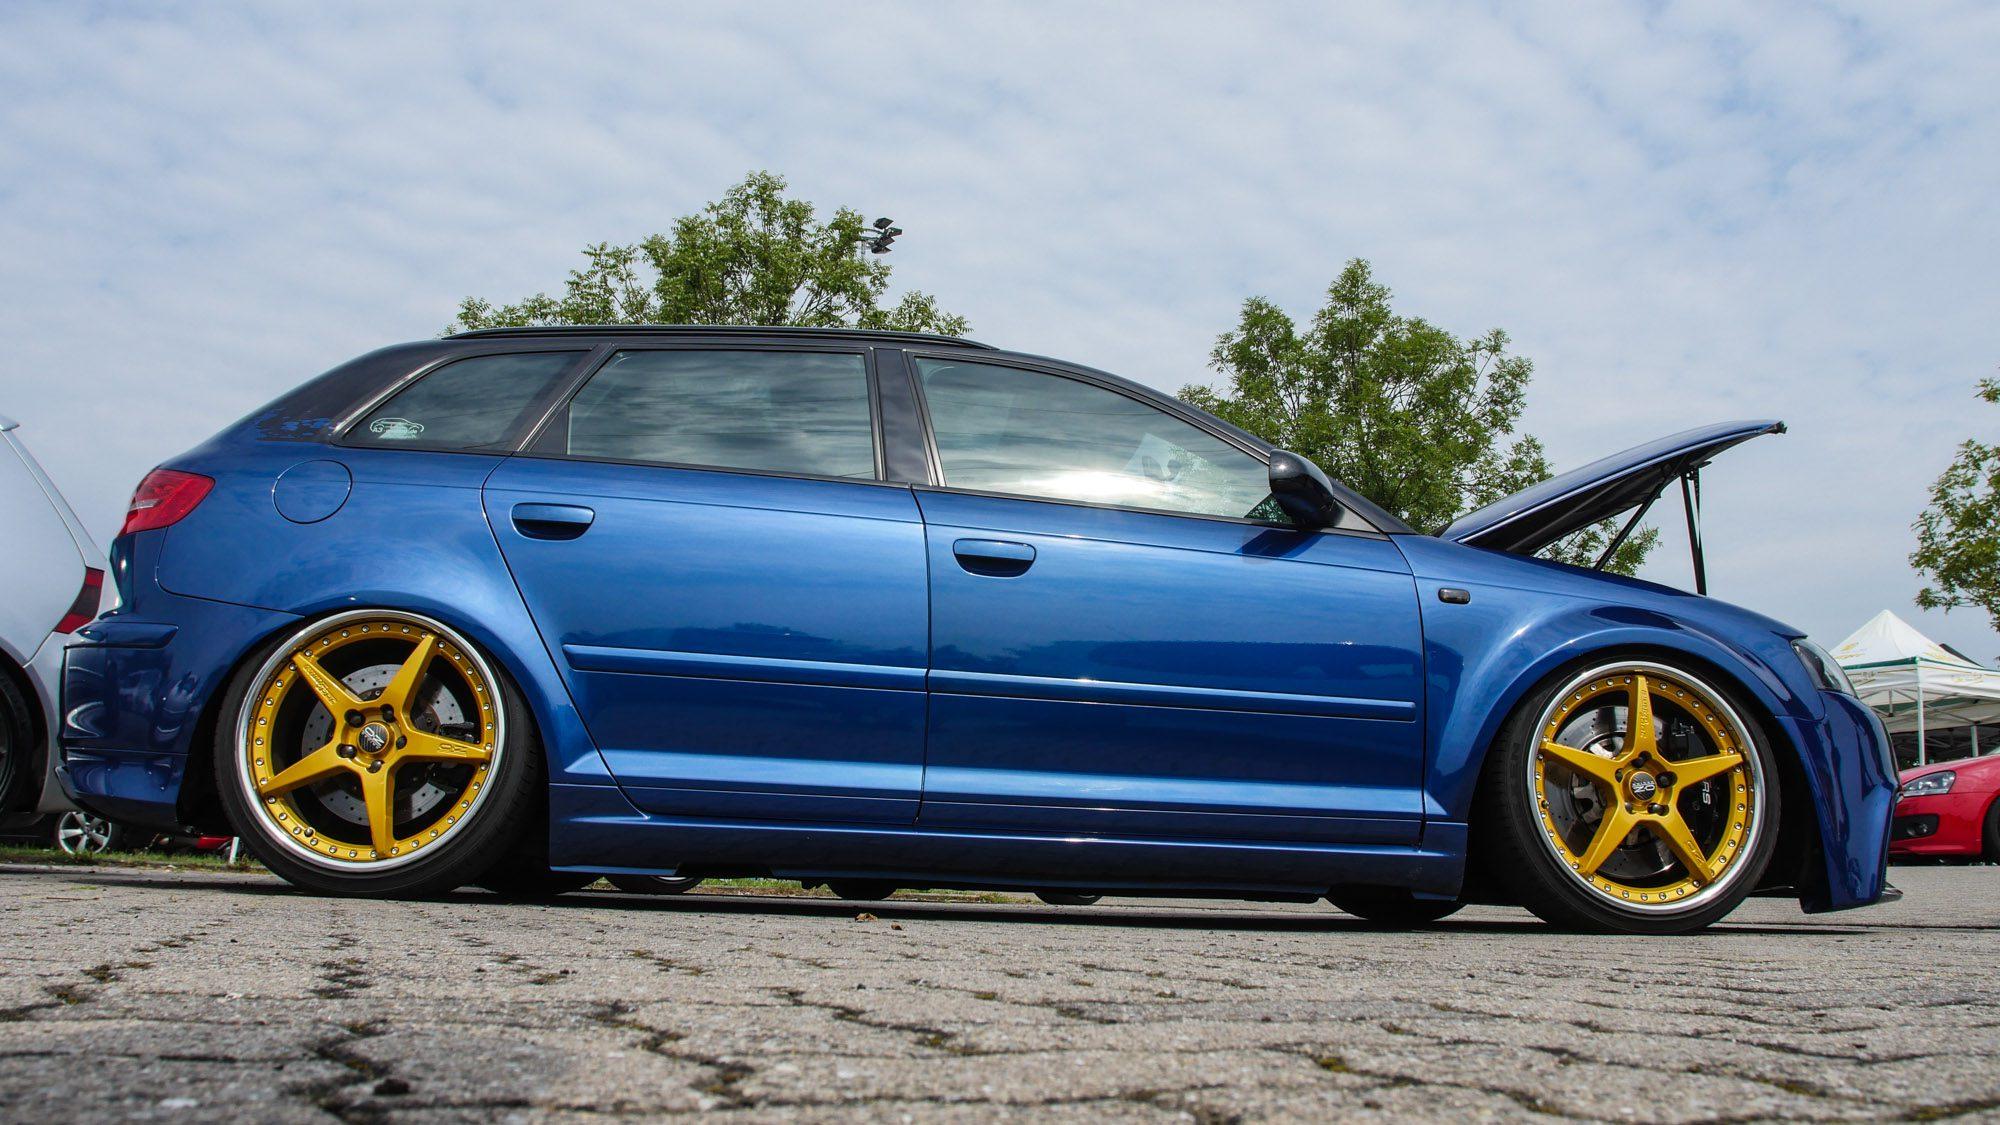 Seitenansicht des Audi A3 3,2 quattro